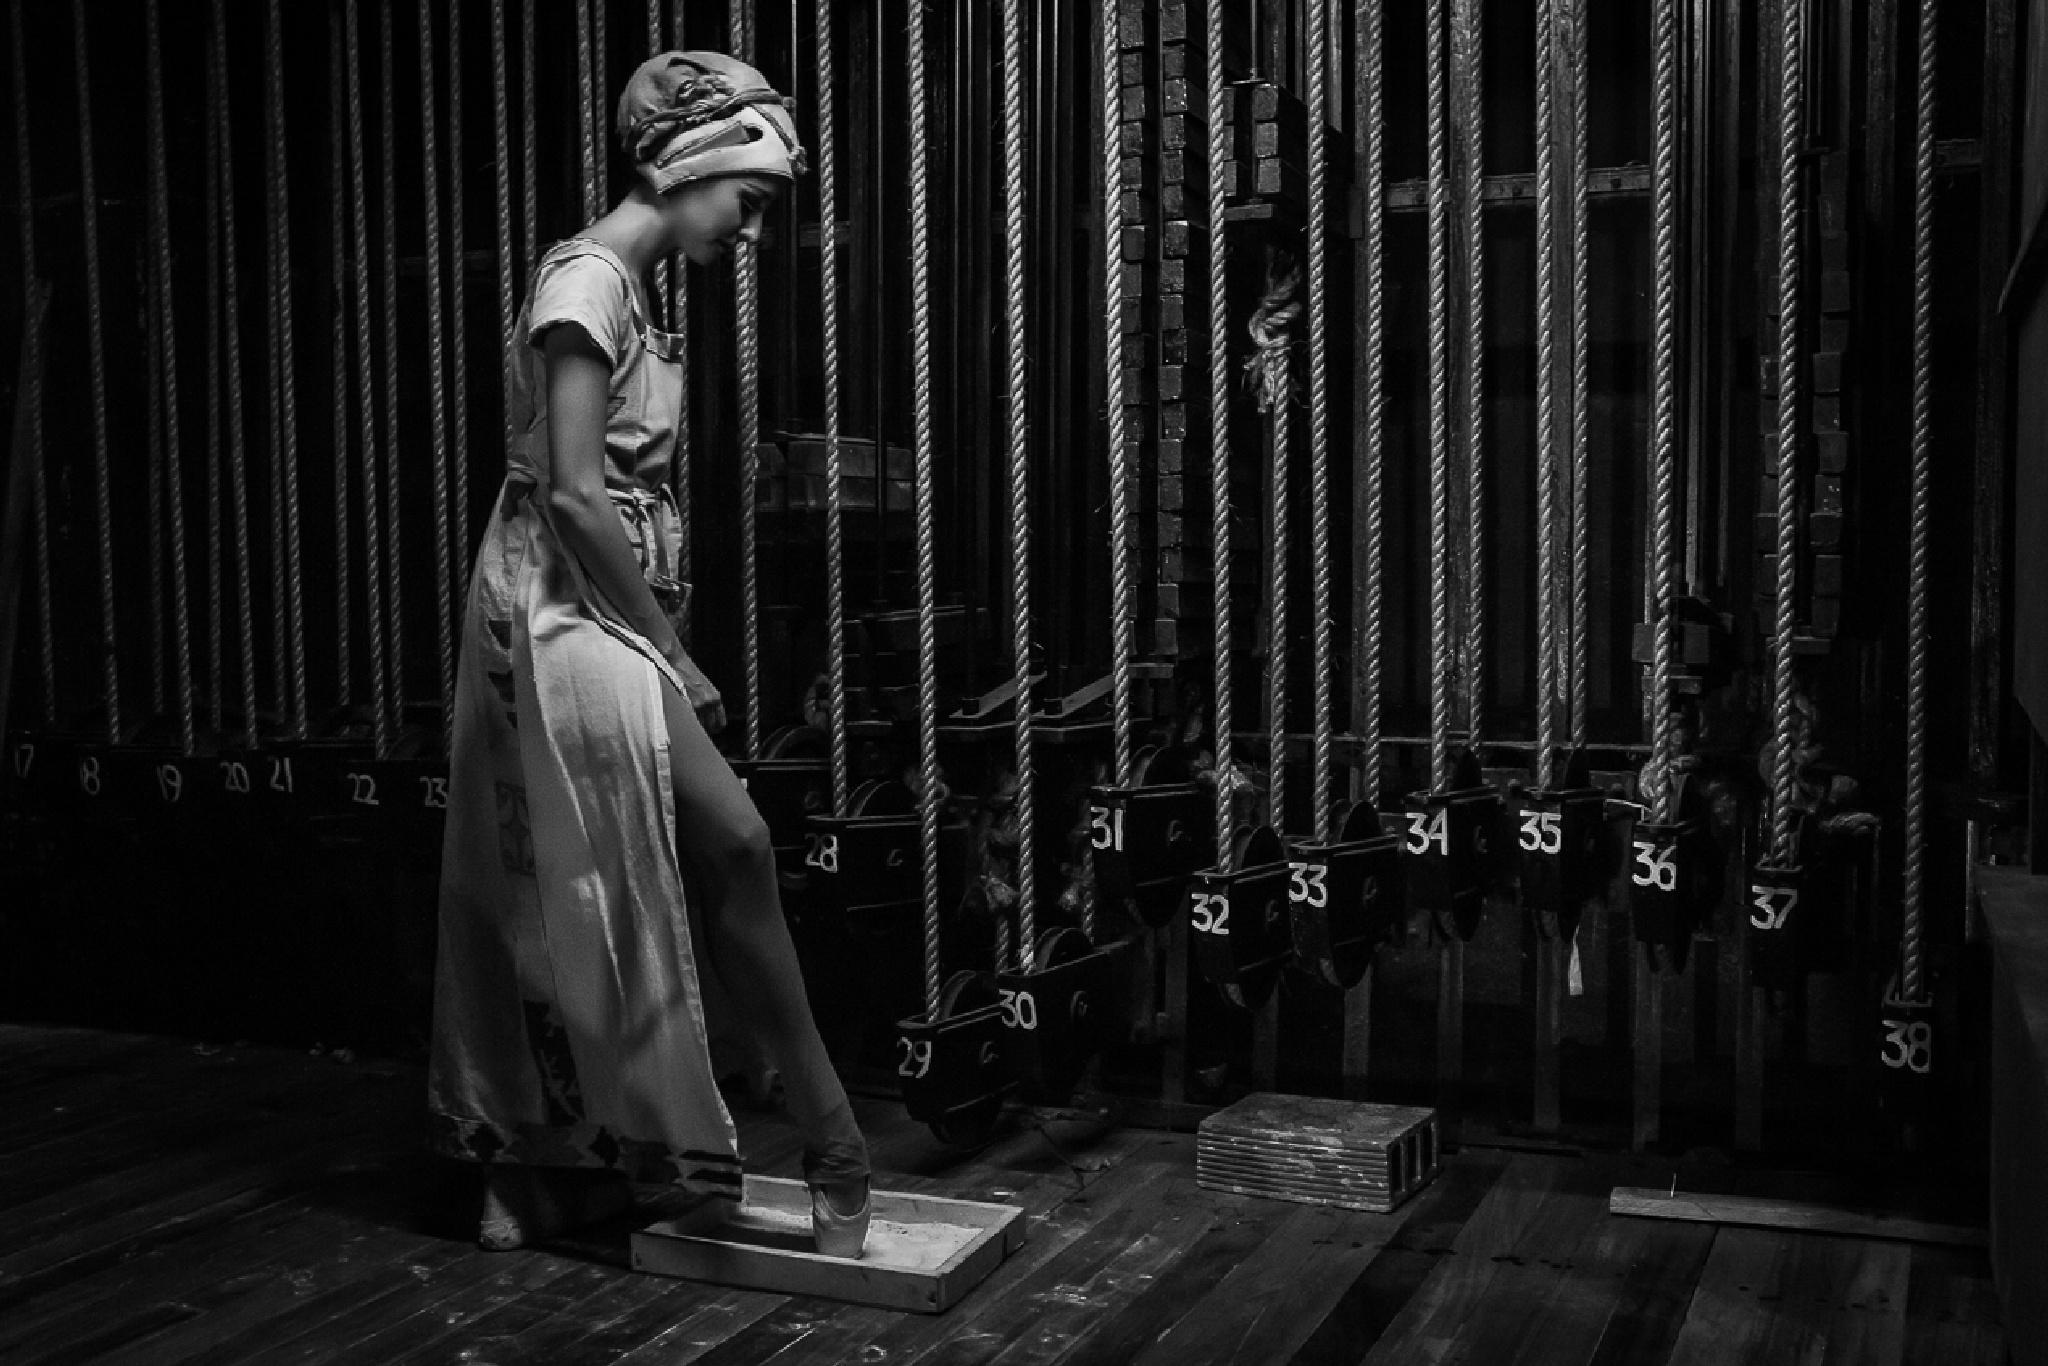 Vida by Artyom Shlapachenko